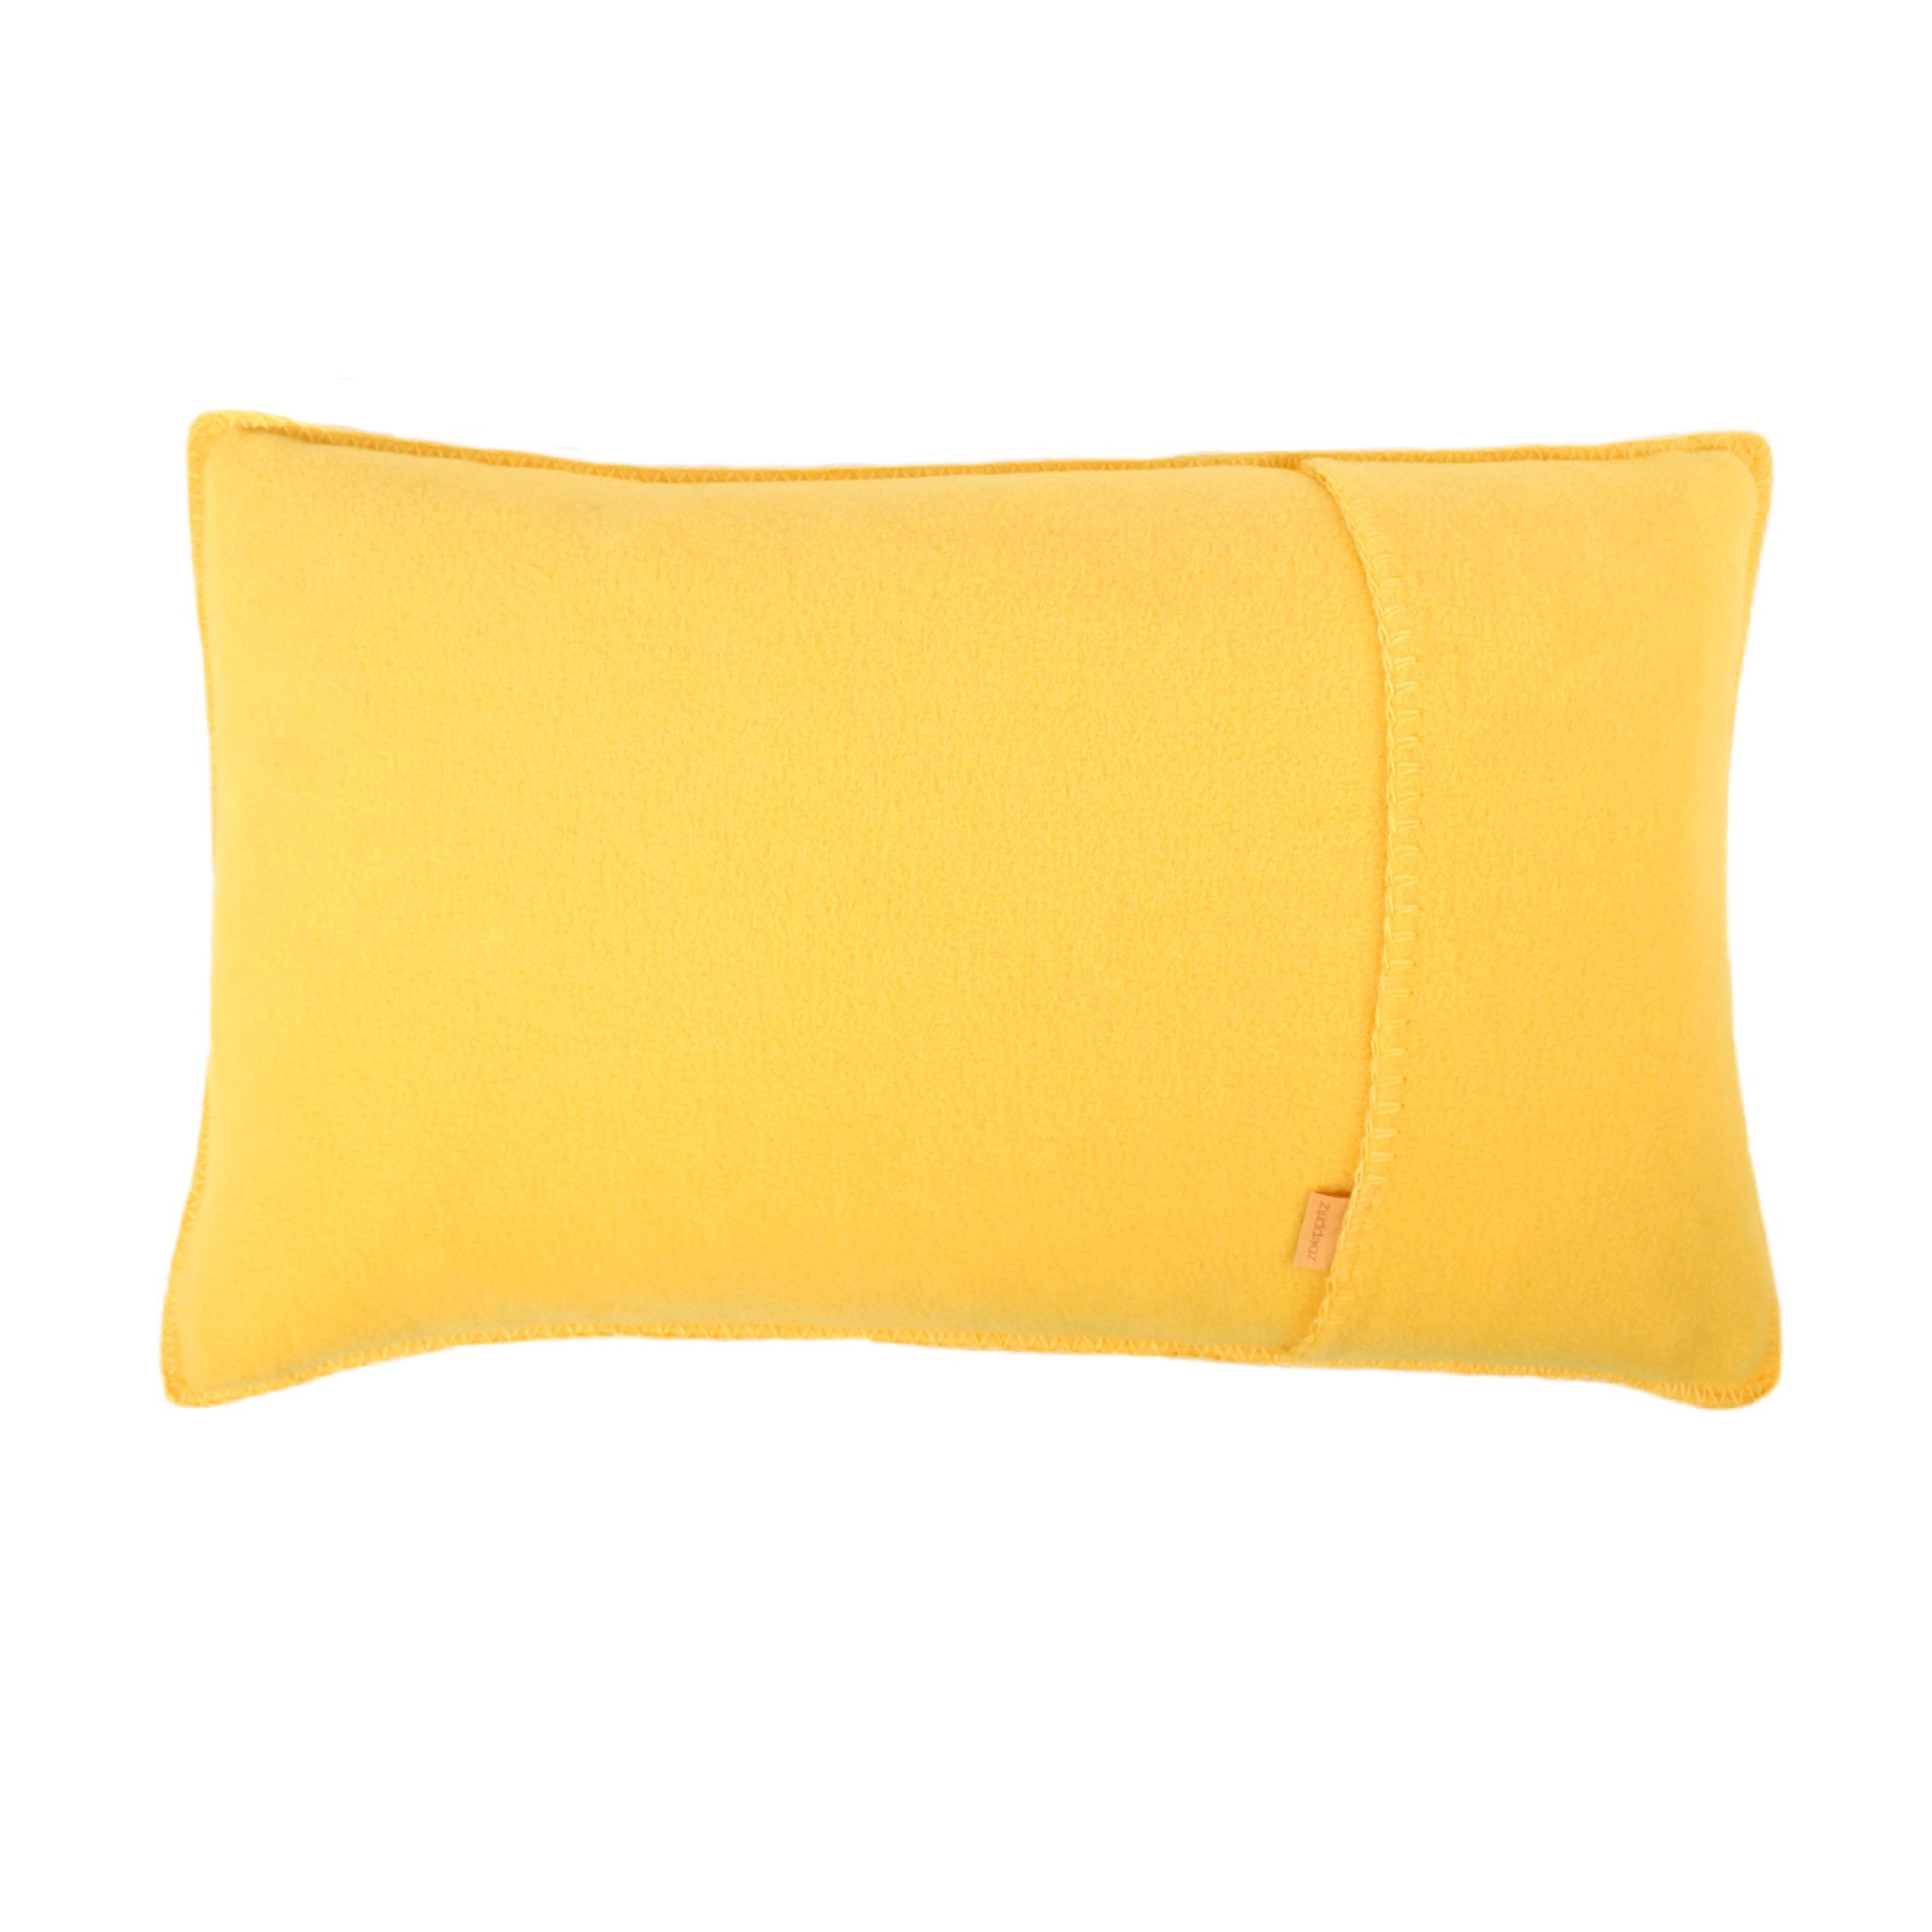 Zoeppritz Soft Fleece Kissen 30x50 Gelb, 2-er Set (Zoeppritz ...